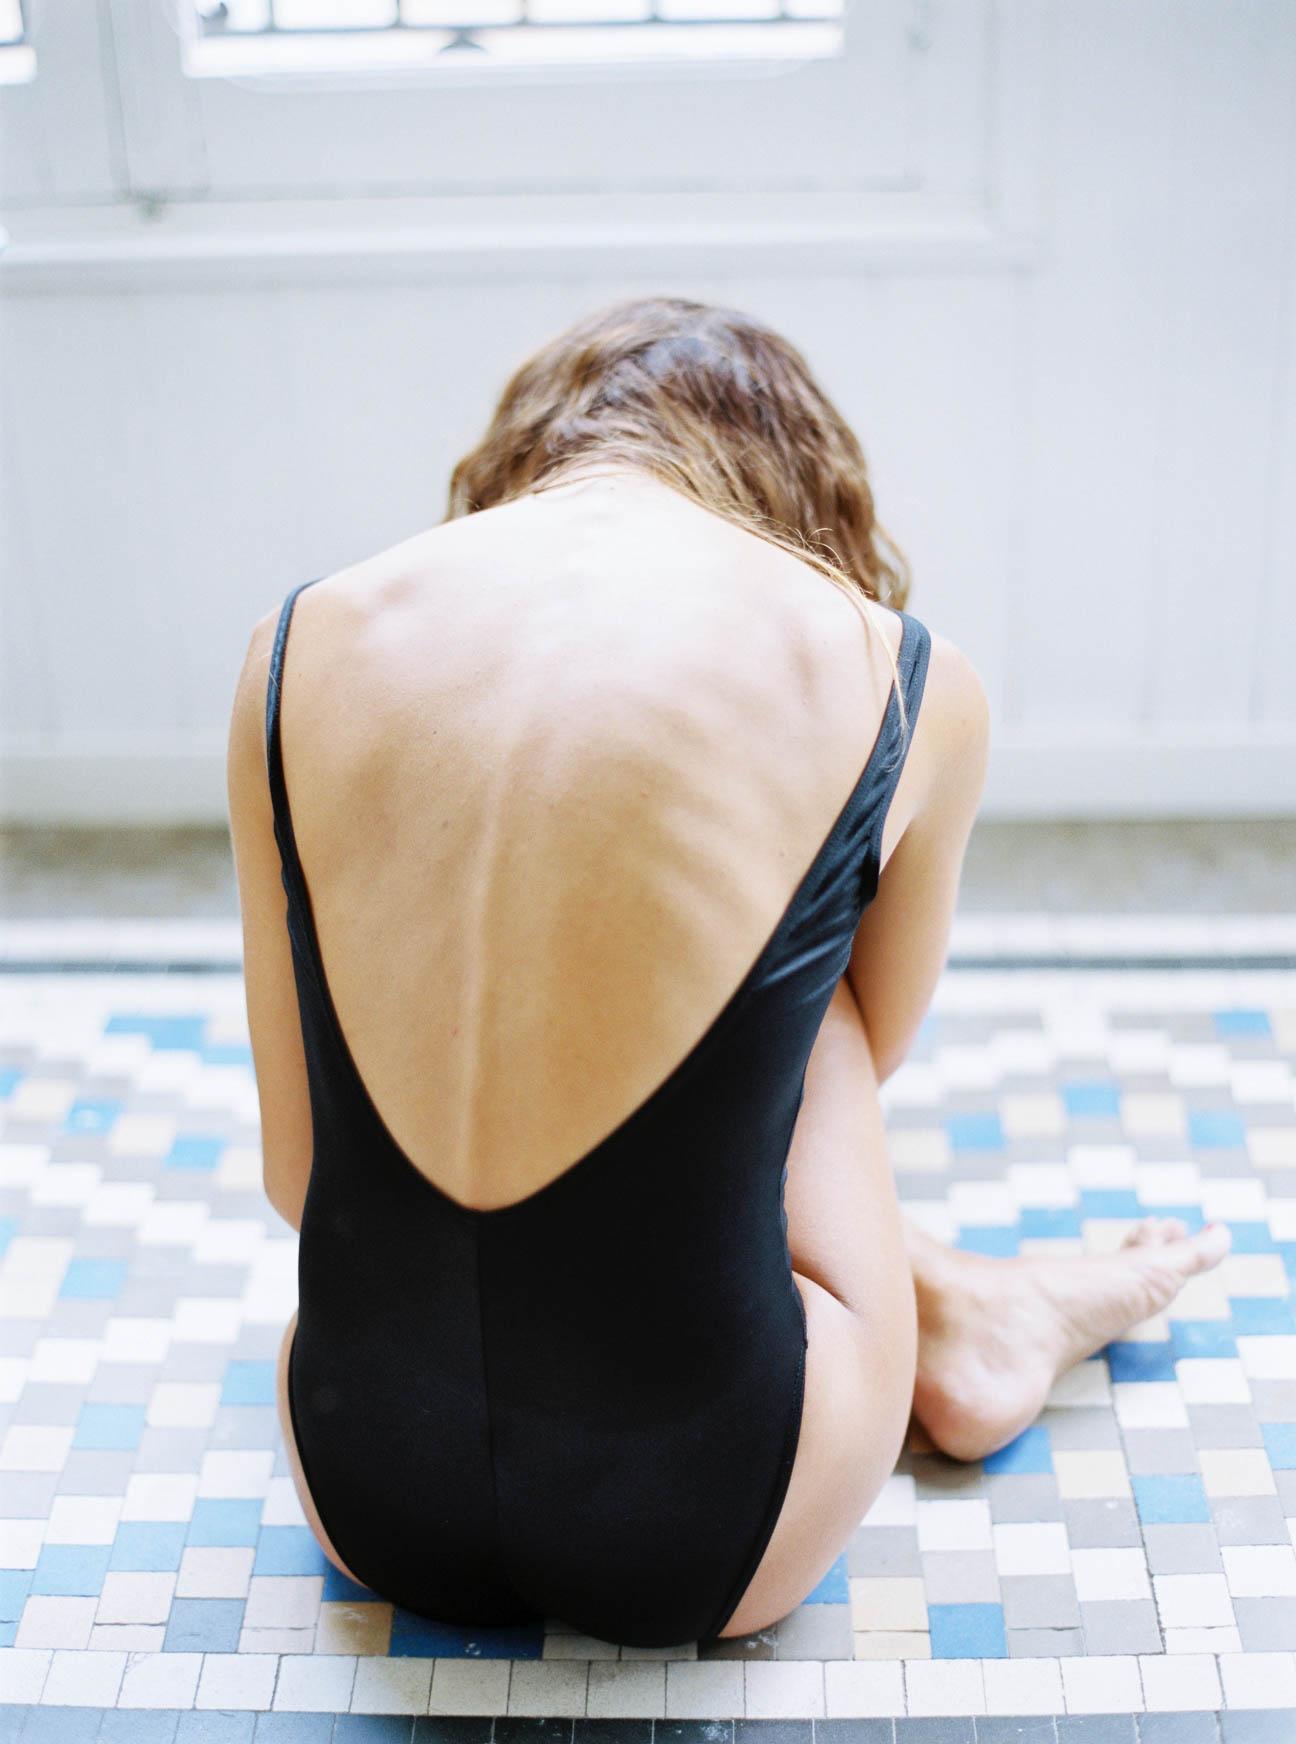 fotografo de boudoir en valencia sexy (7)